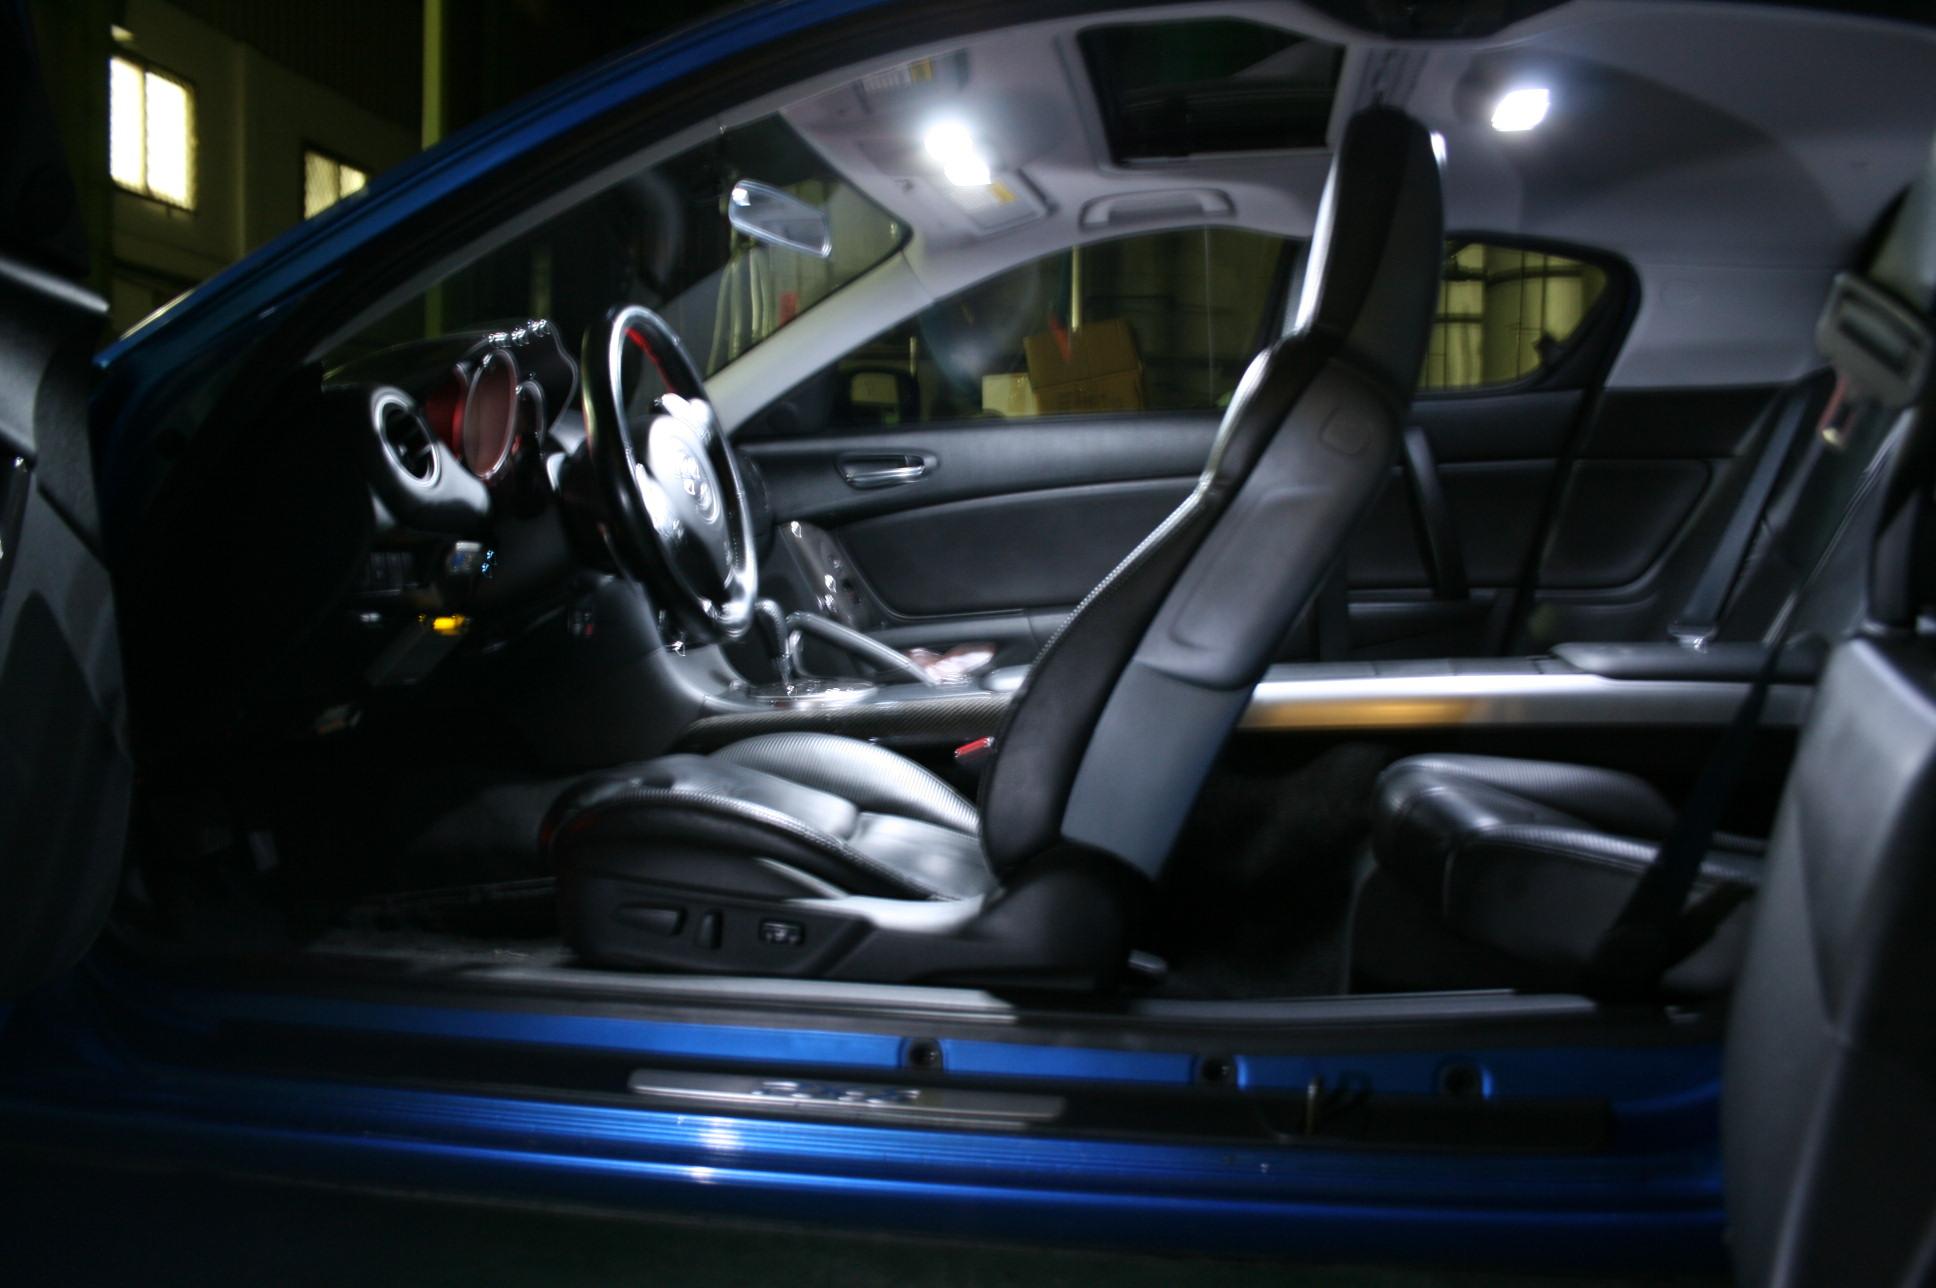 Mazda RX 8 Super White Interior LED Lights